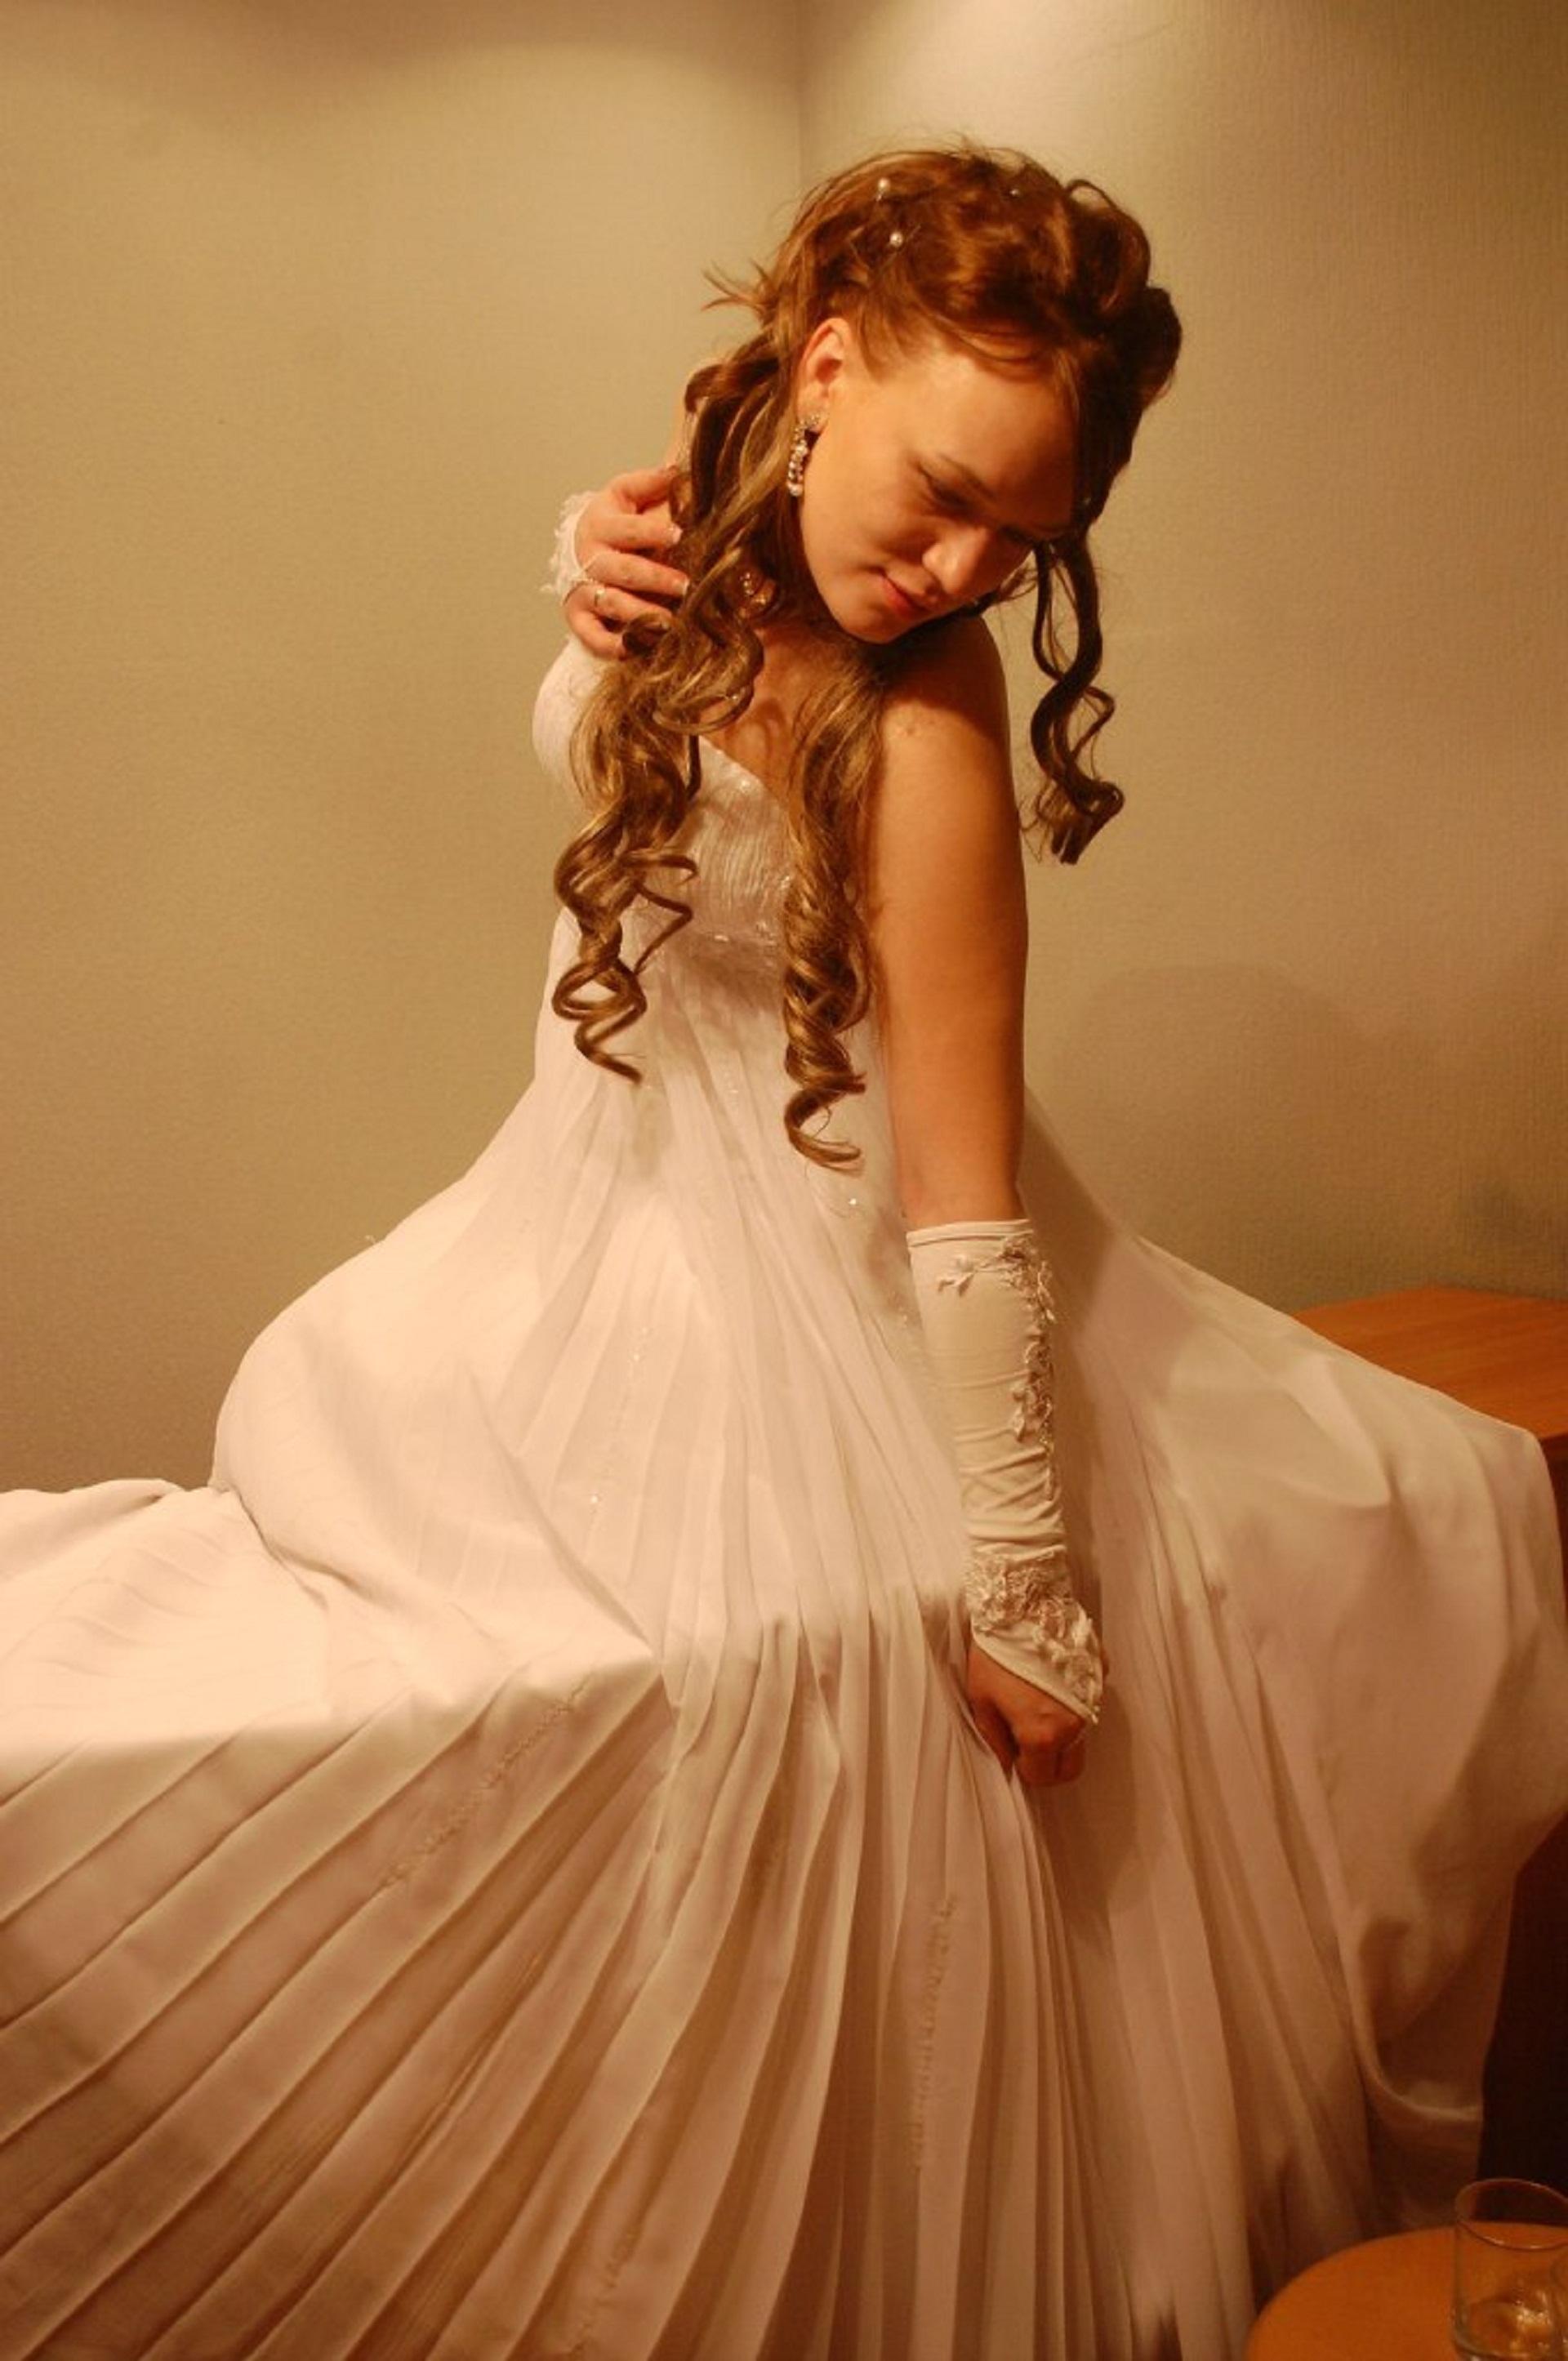 5fd911ac426 ... brudepige kjole, brude tøj 1920x2891. person pige kvinde model forår  barn mode tøj bryllup bryllupskjole brud hvid kjole kjole lykke skønhed